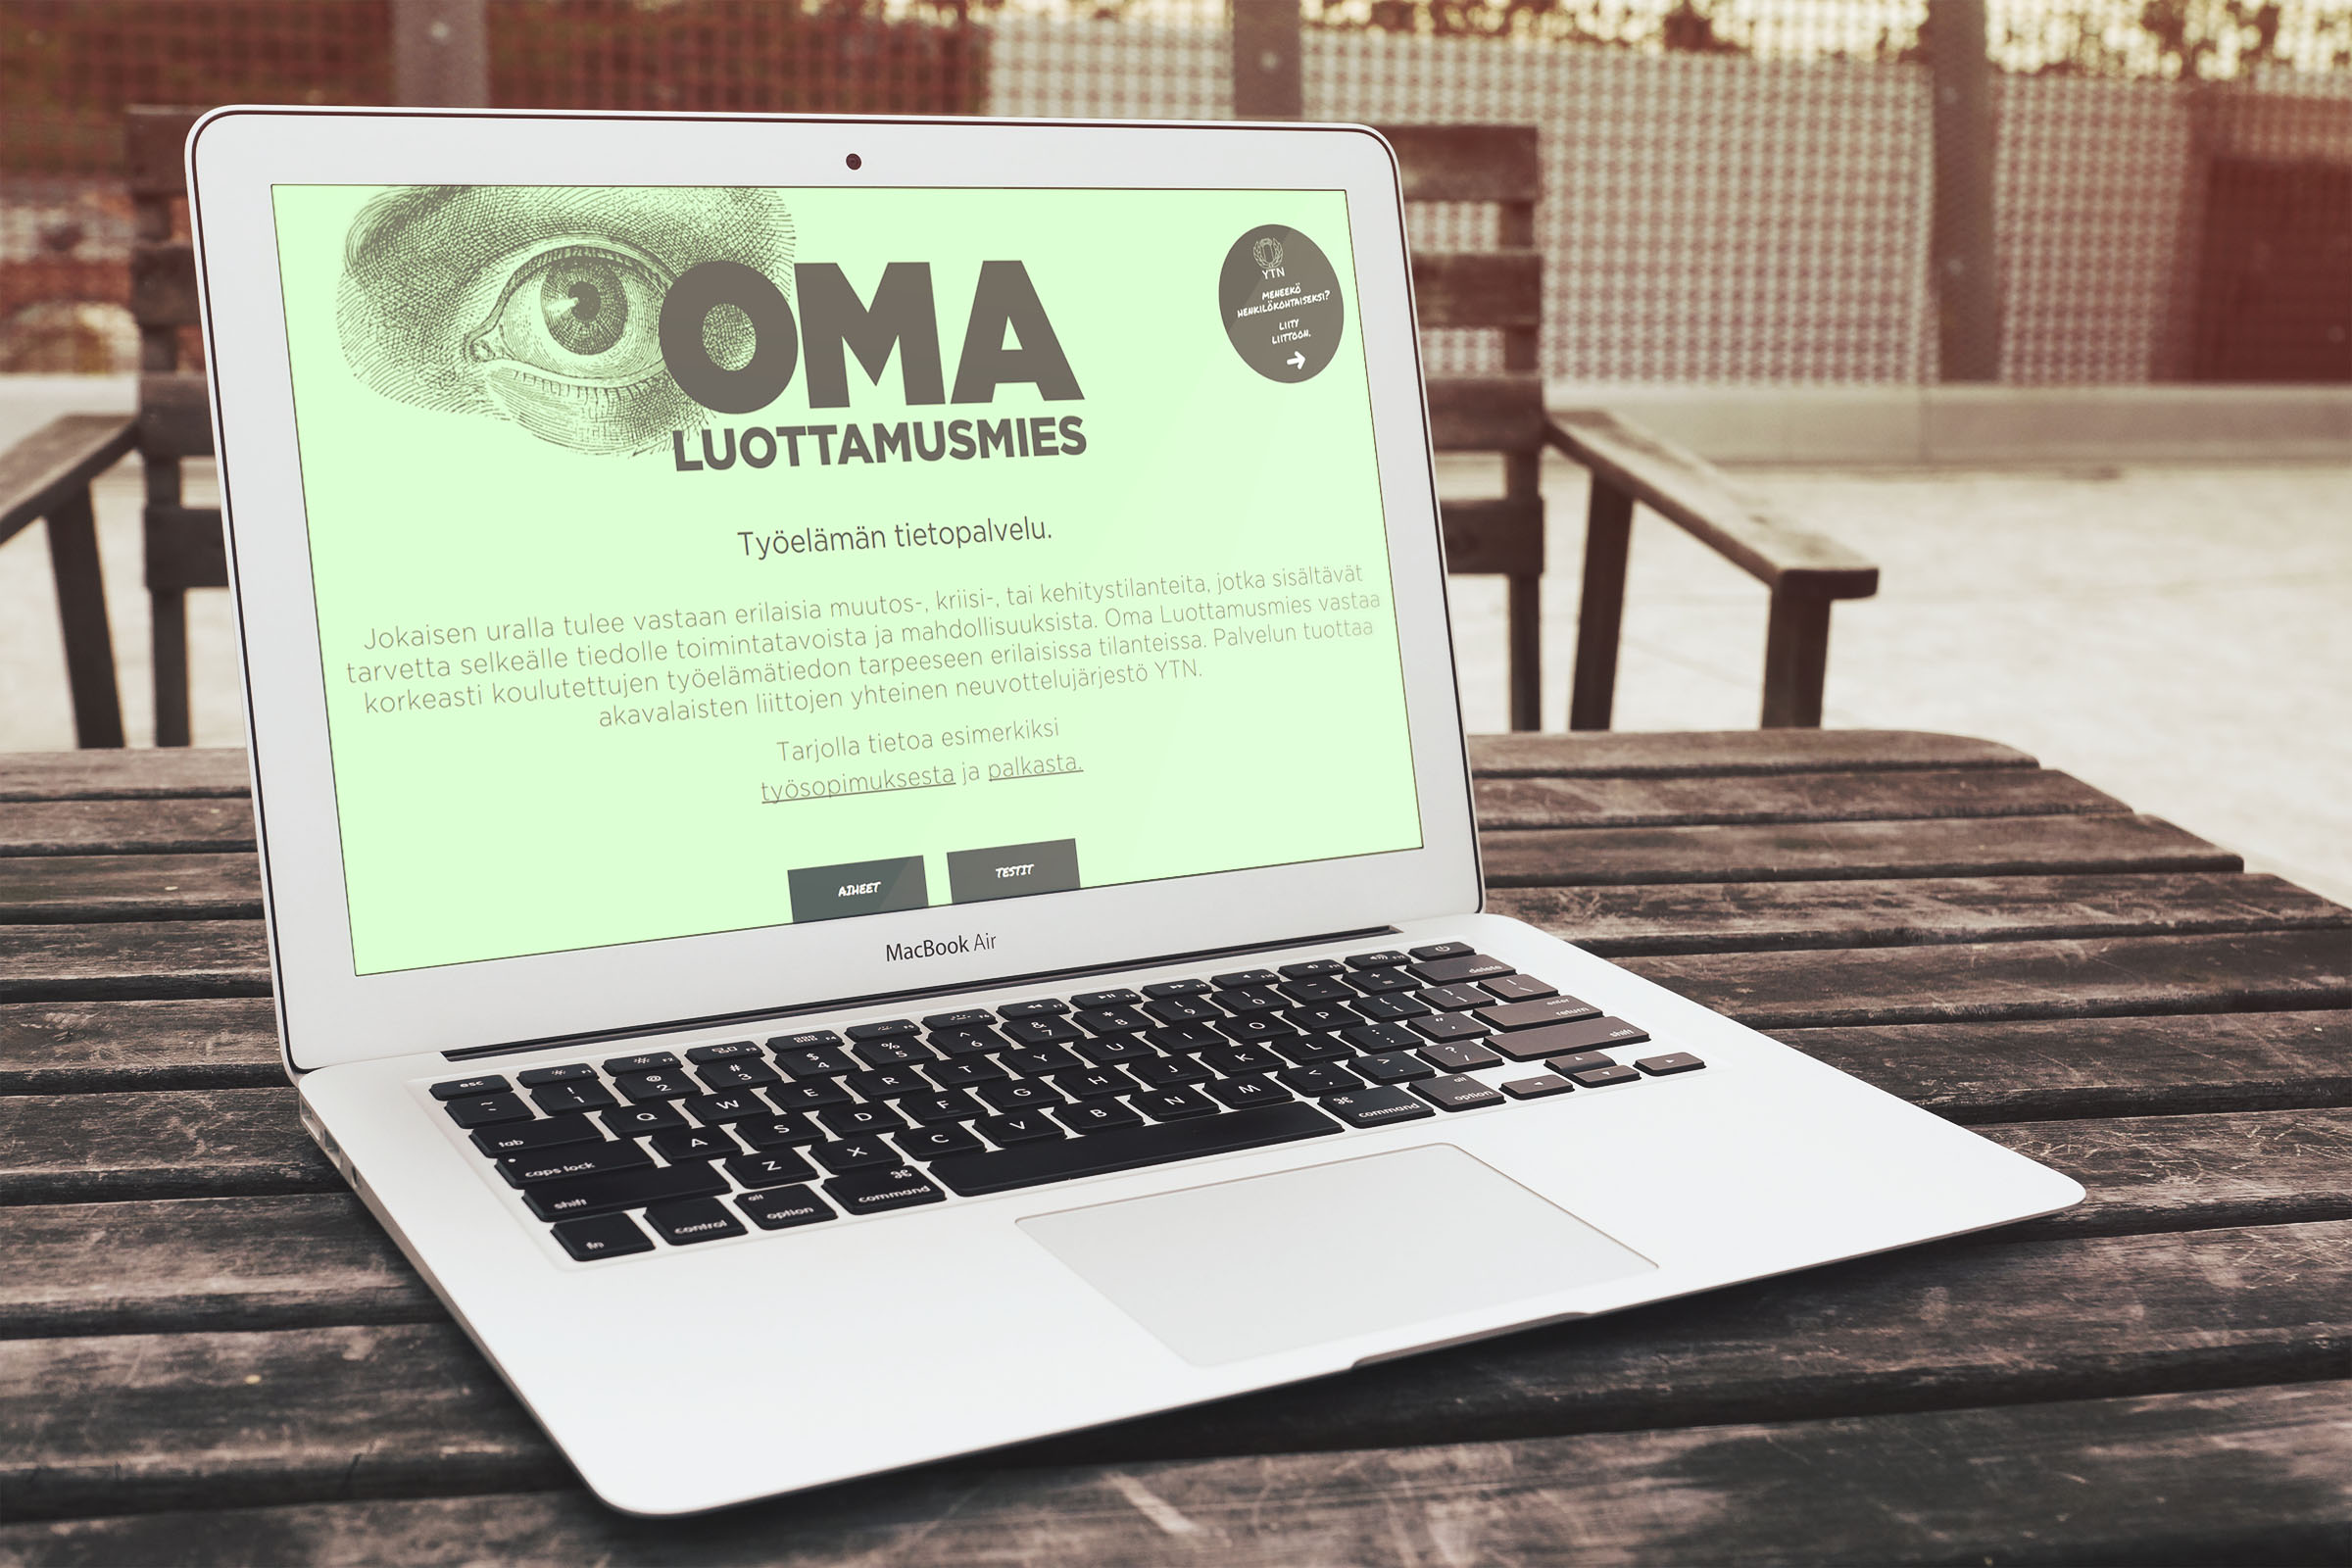 OmaLuottamusmies_desktop